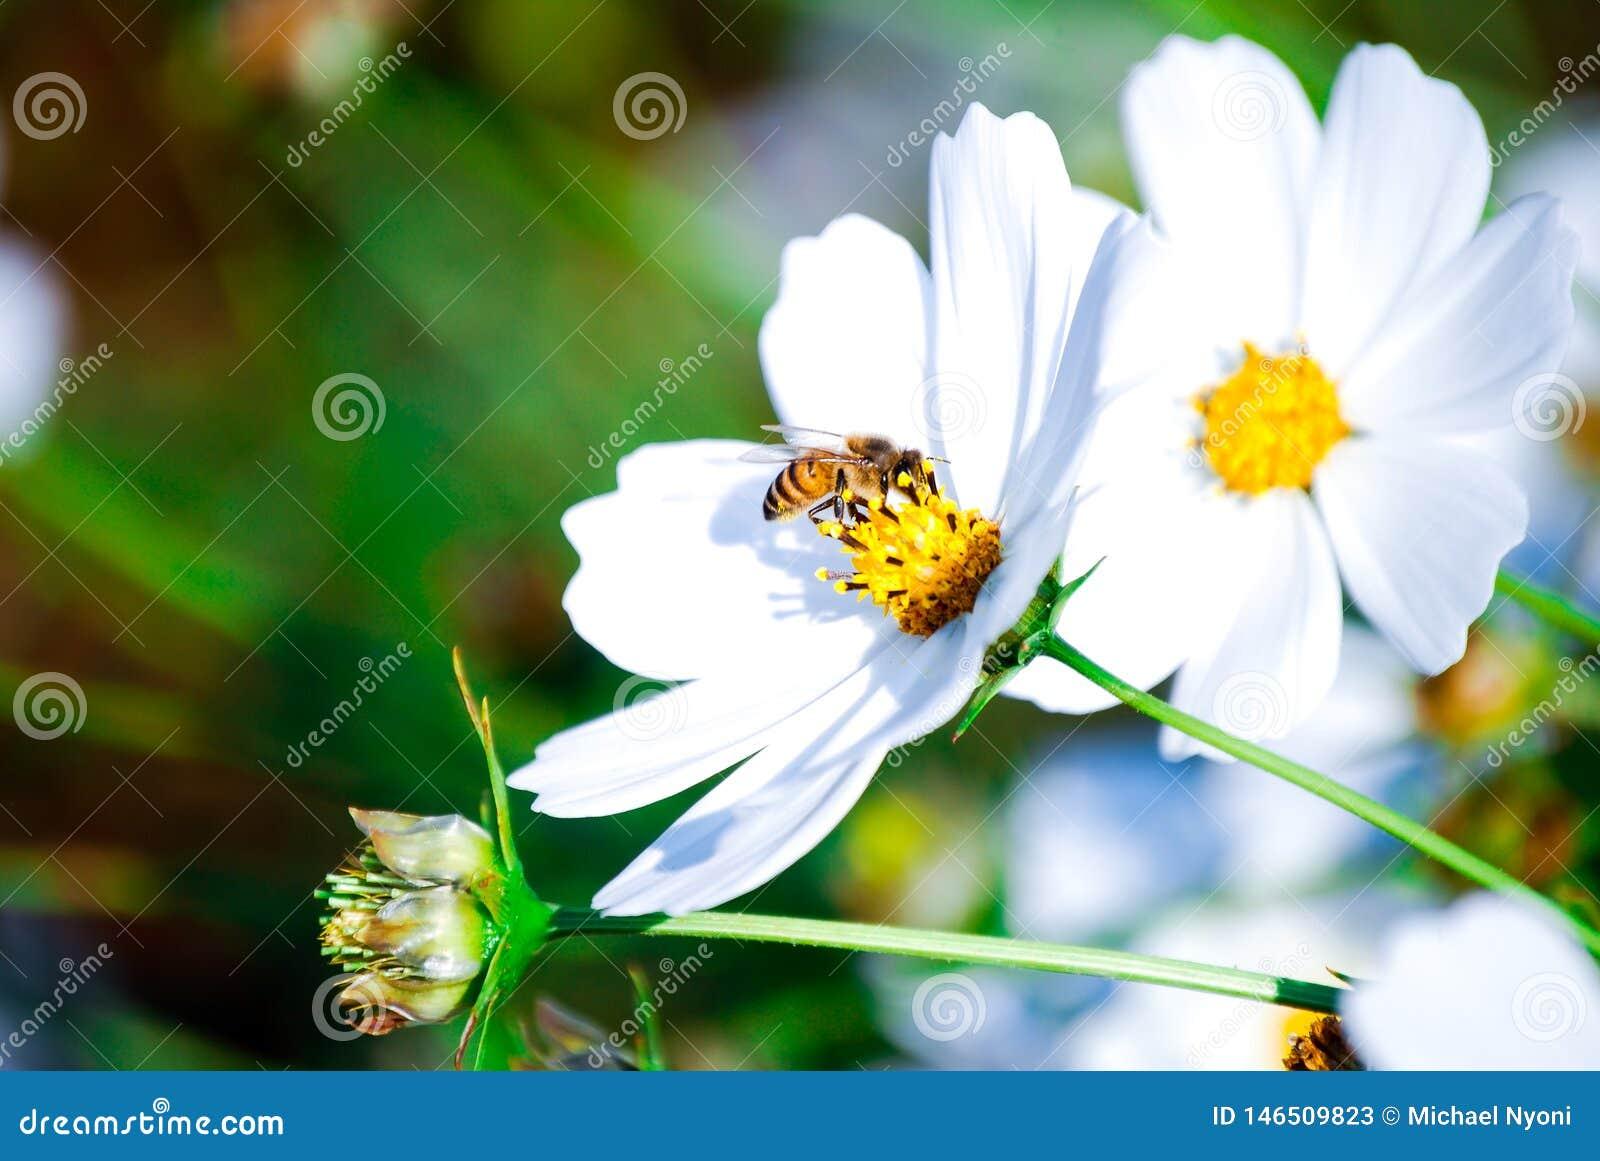 Fiori della flora, ape occupata